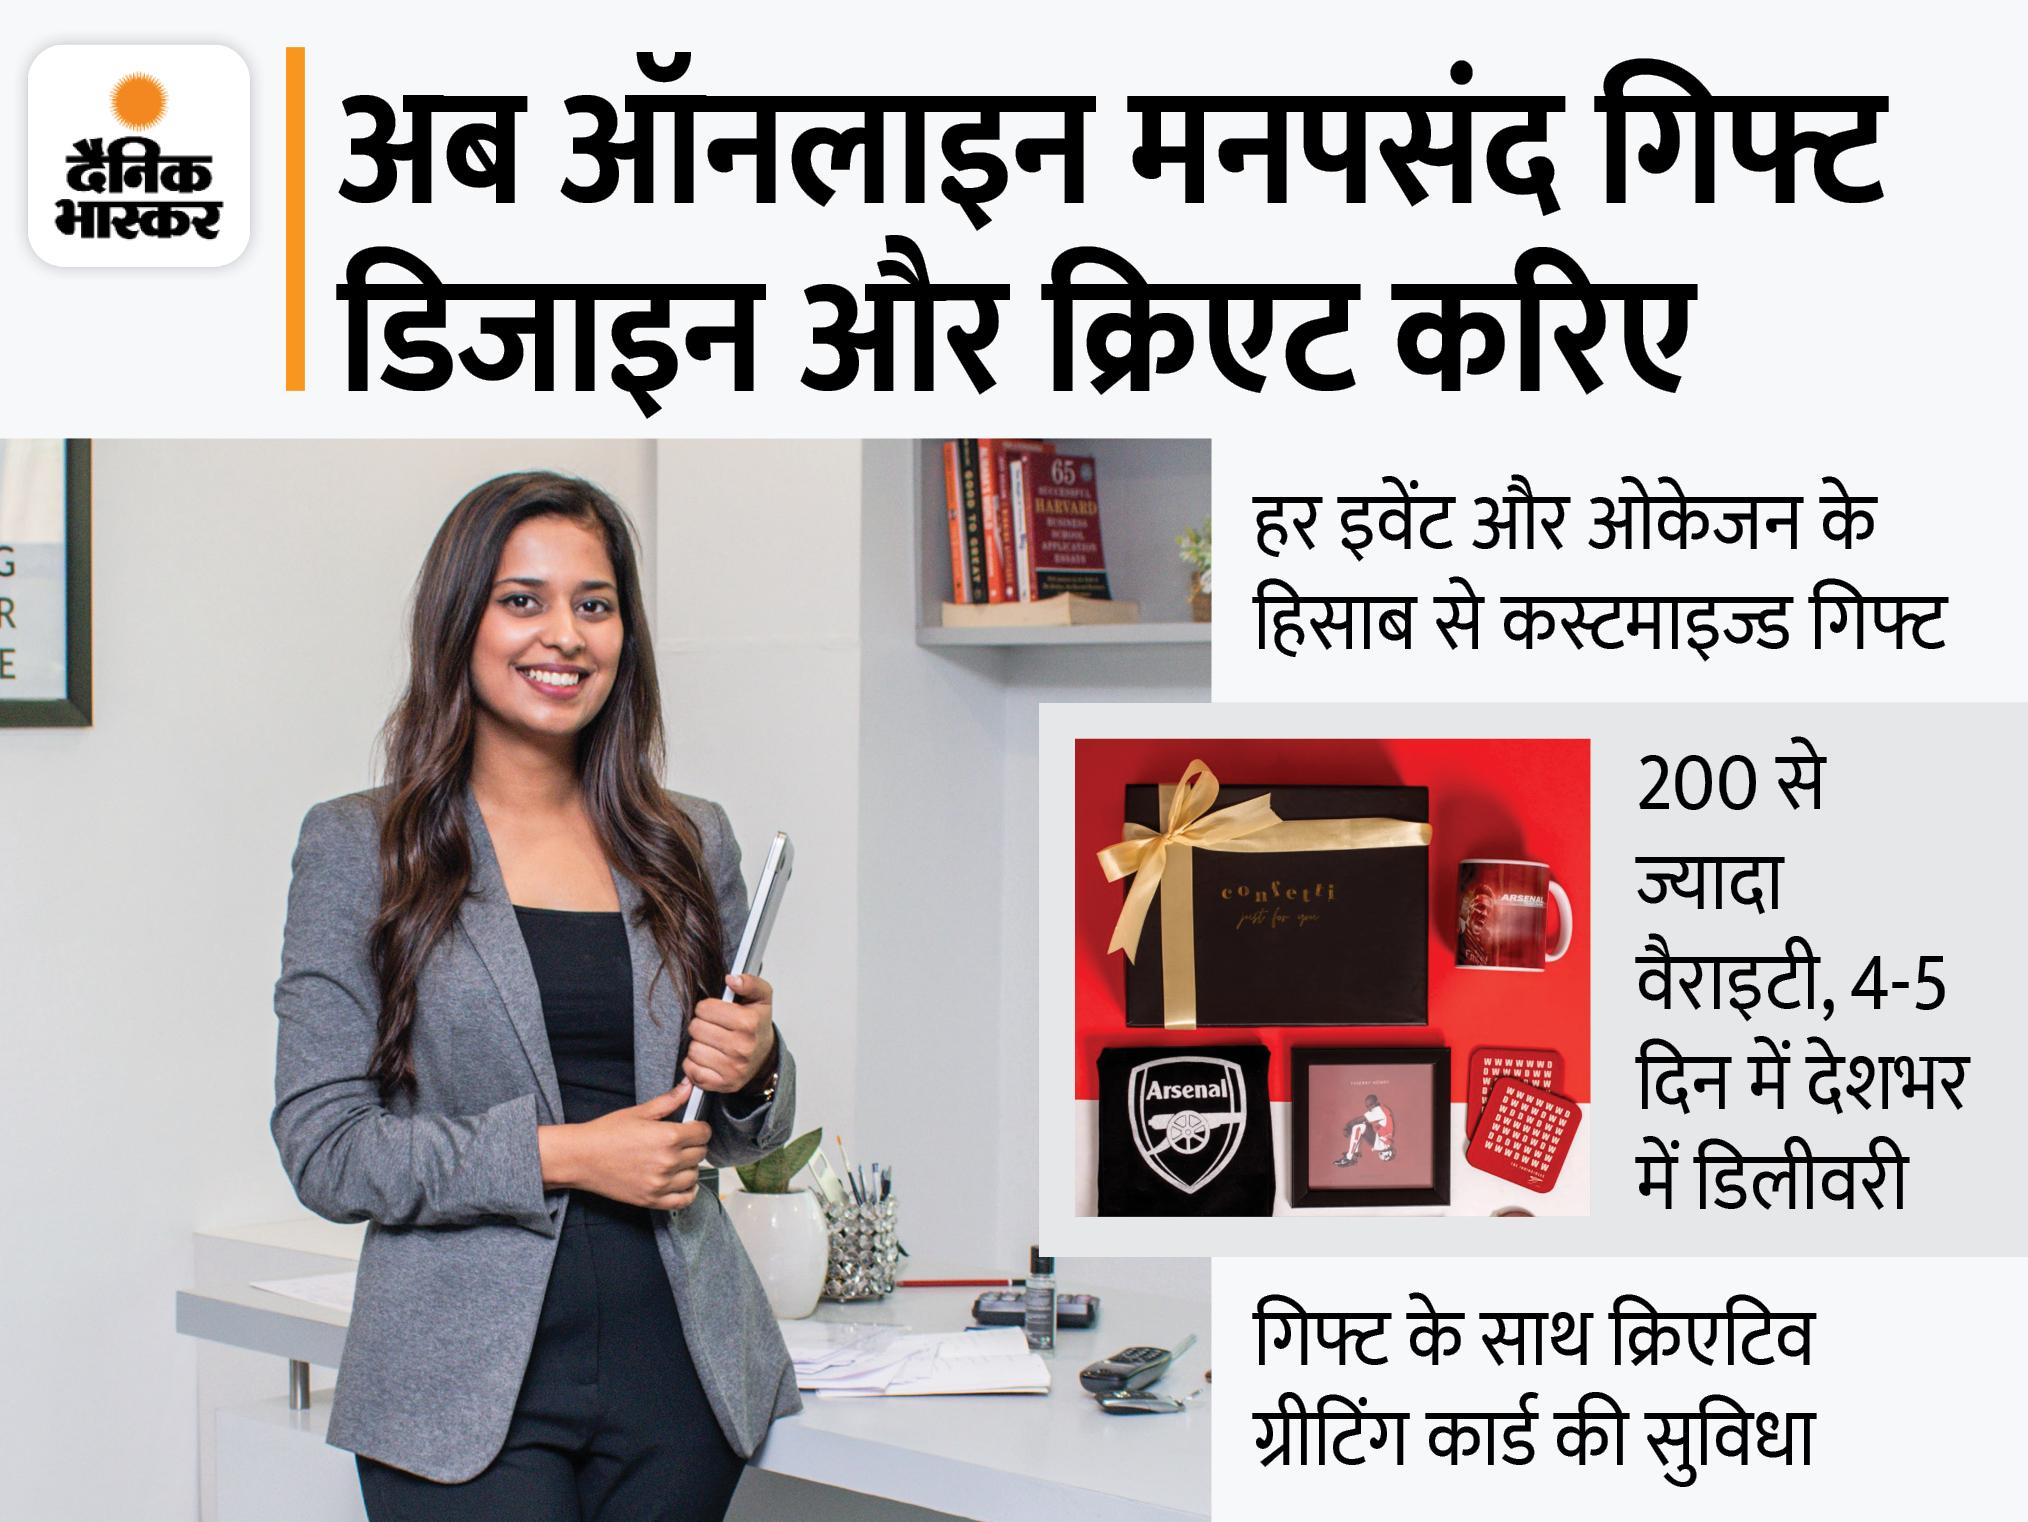 जयपुर की सौम्या ने 2 साल पहले 50 हजार रुपए से ऑनलाइन गिफ्ट प्लेटफॉर्म की शुरुआत की, अब 2.5 करोड़ टर्नओवर, विदेशों में भी कर रही हैं मार्केटिंग|DB ओरिजिनल,DB Original - Dainik Bhaskar